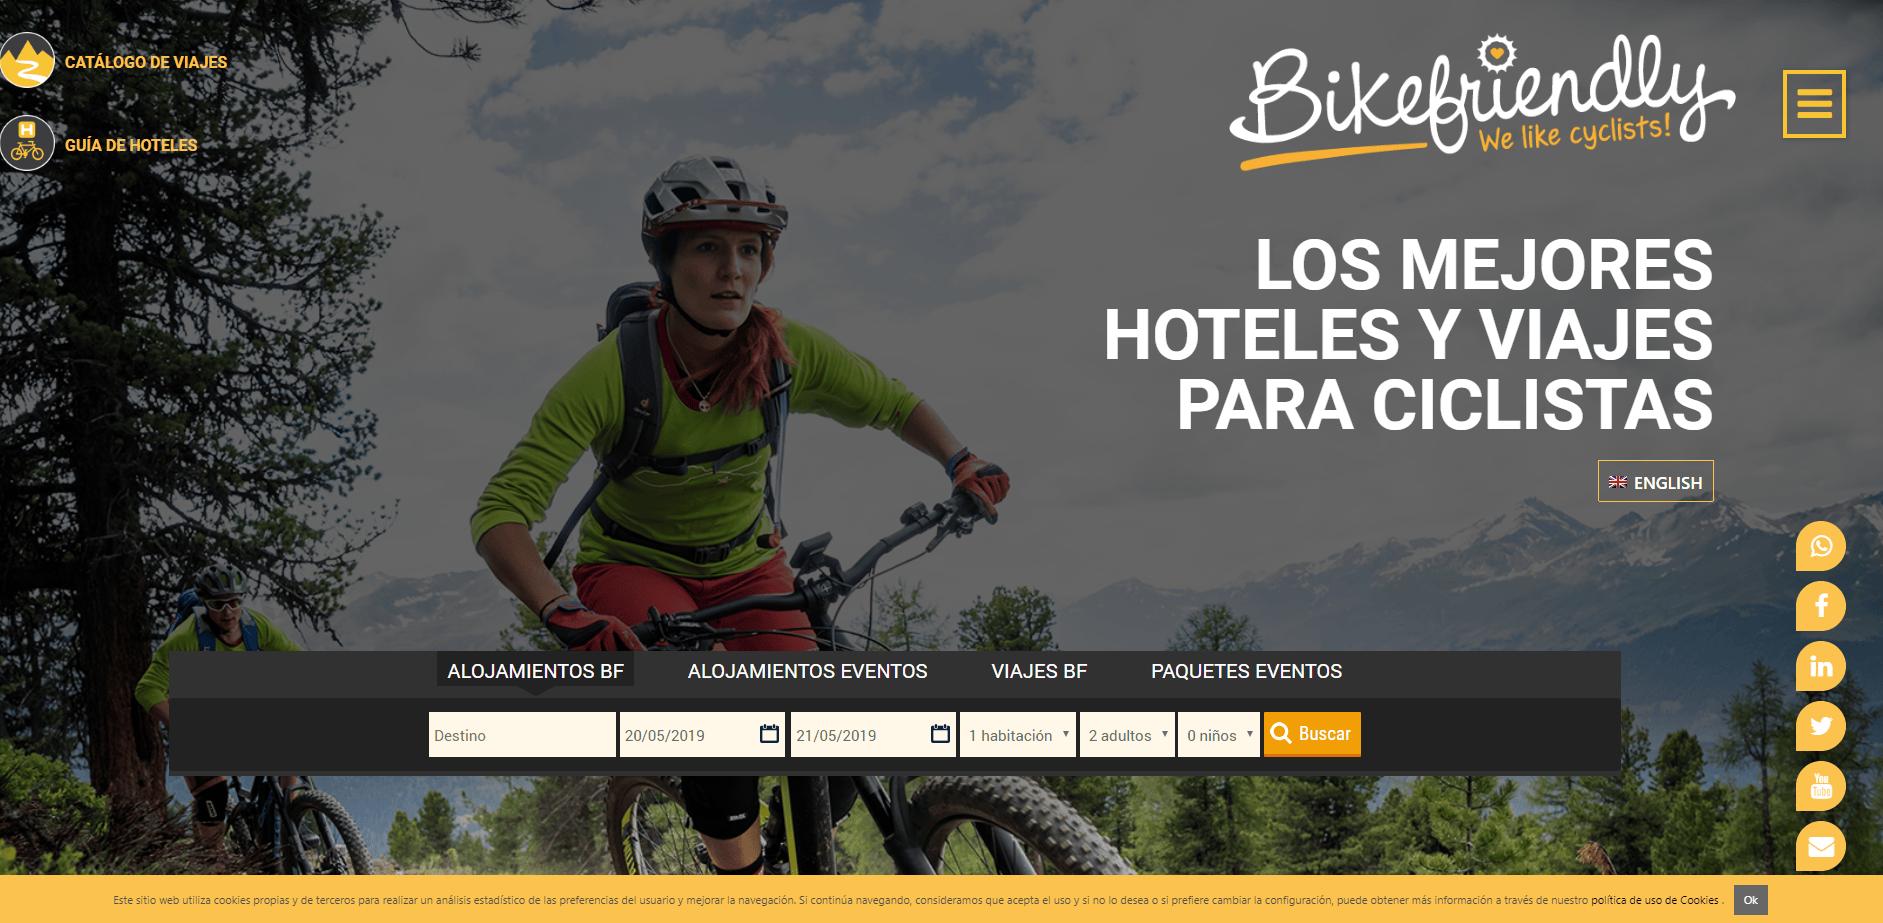 Bikefriendly, los mejores hoteles y viajes para ciclistas